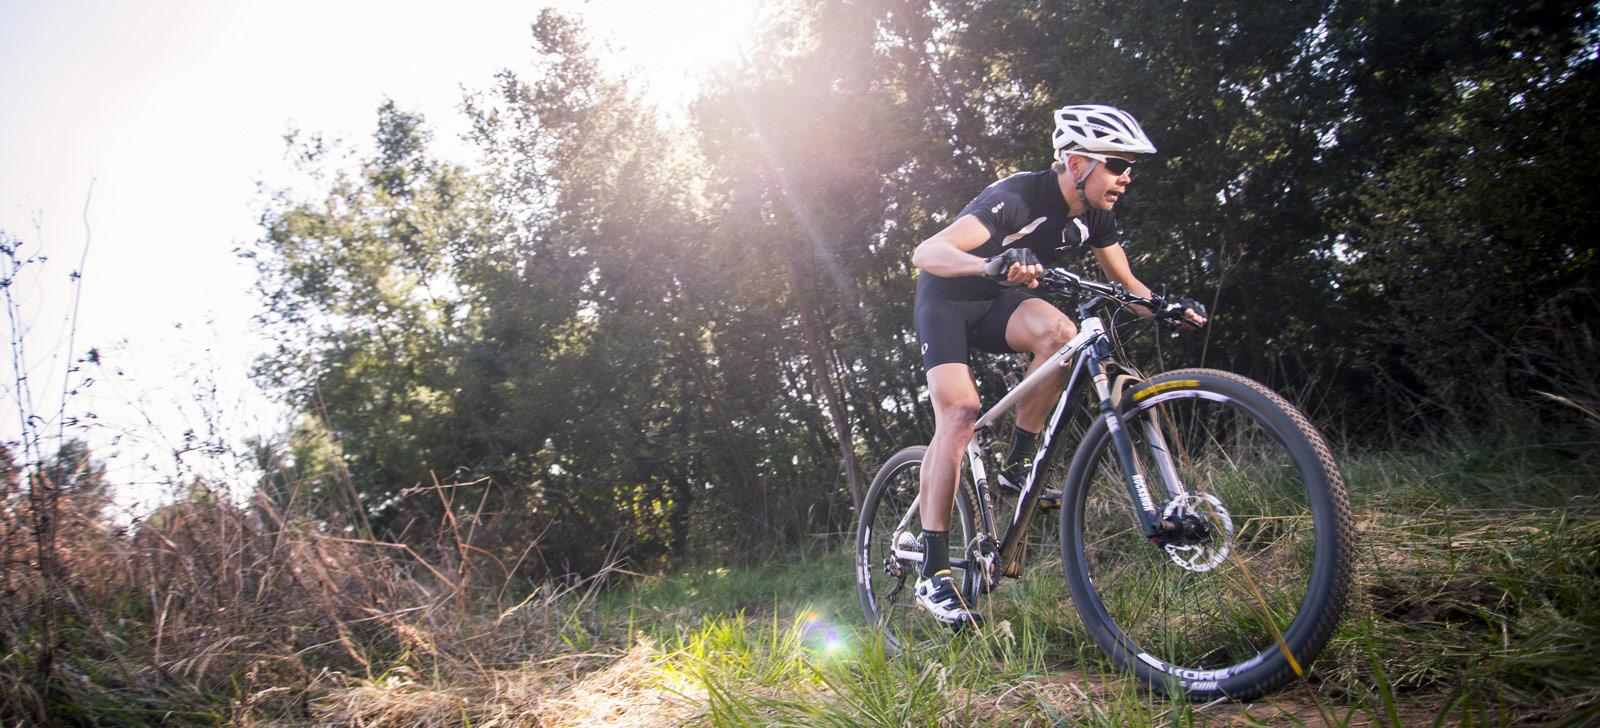 a3a7c2846 Axis Bikes